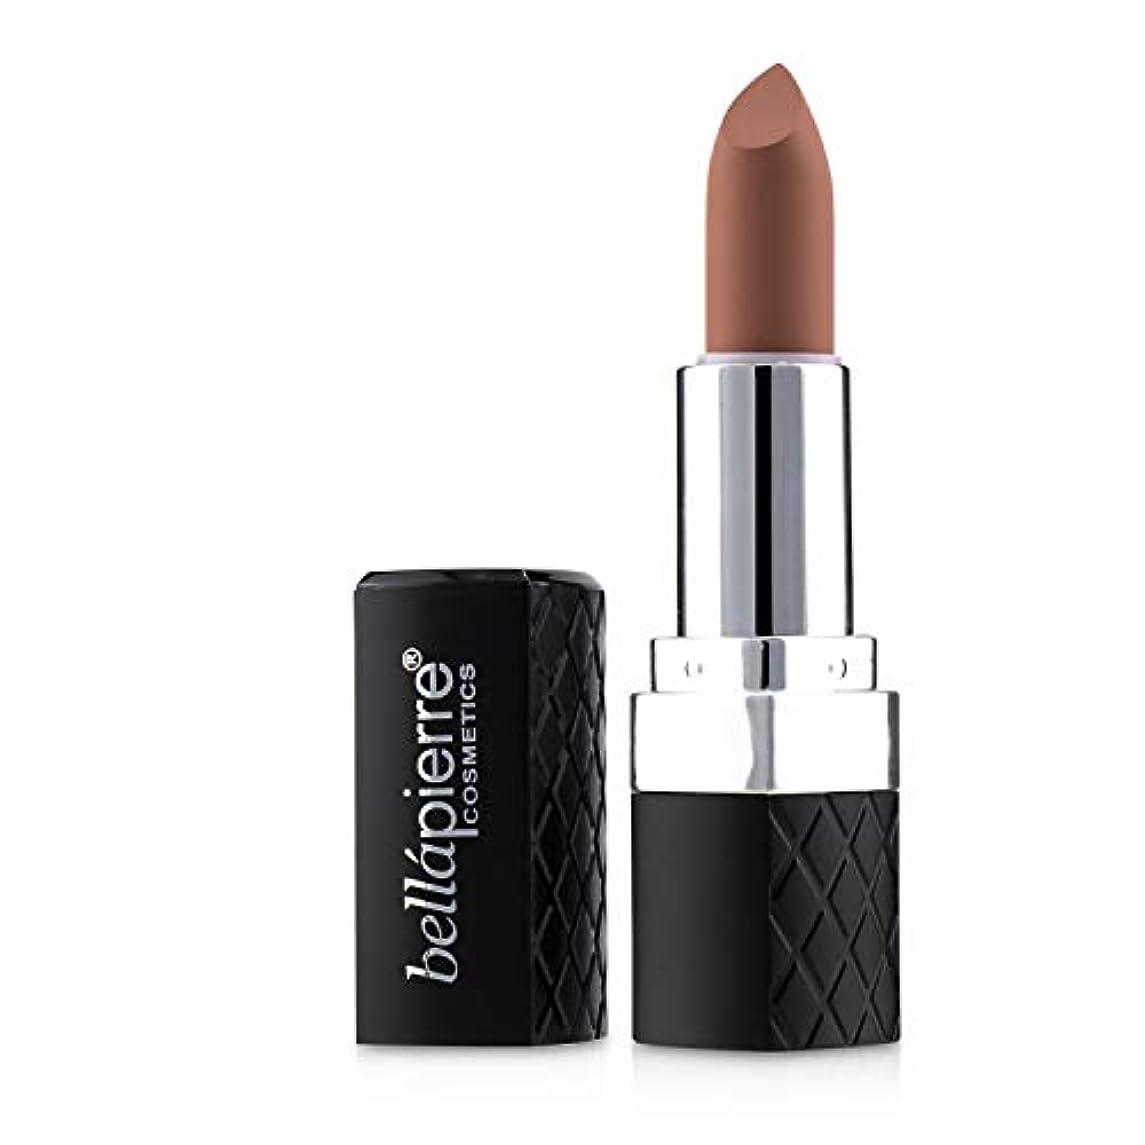 公爵脚本家つかまえるBellapierre Cosmetics Matte Lipstick - # Incognito (Caramel Nude) 3.5g/0.123oz並行輸入品